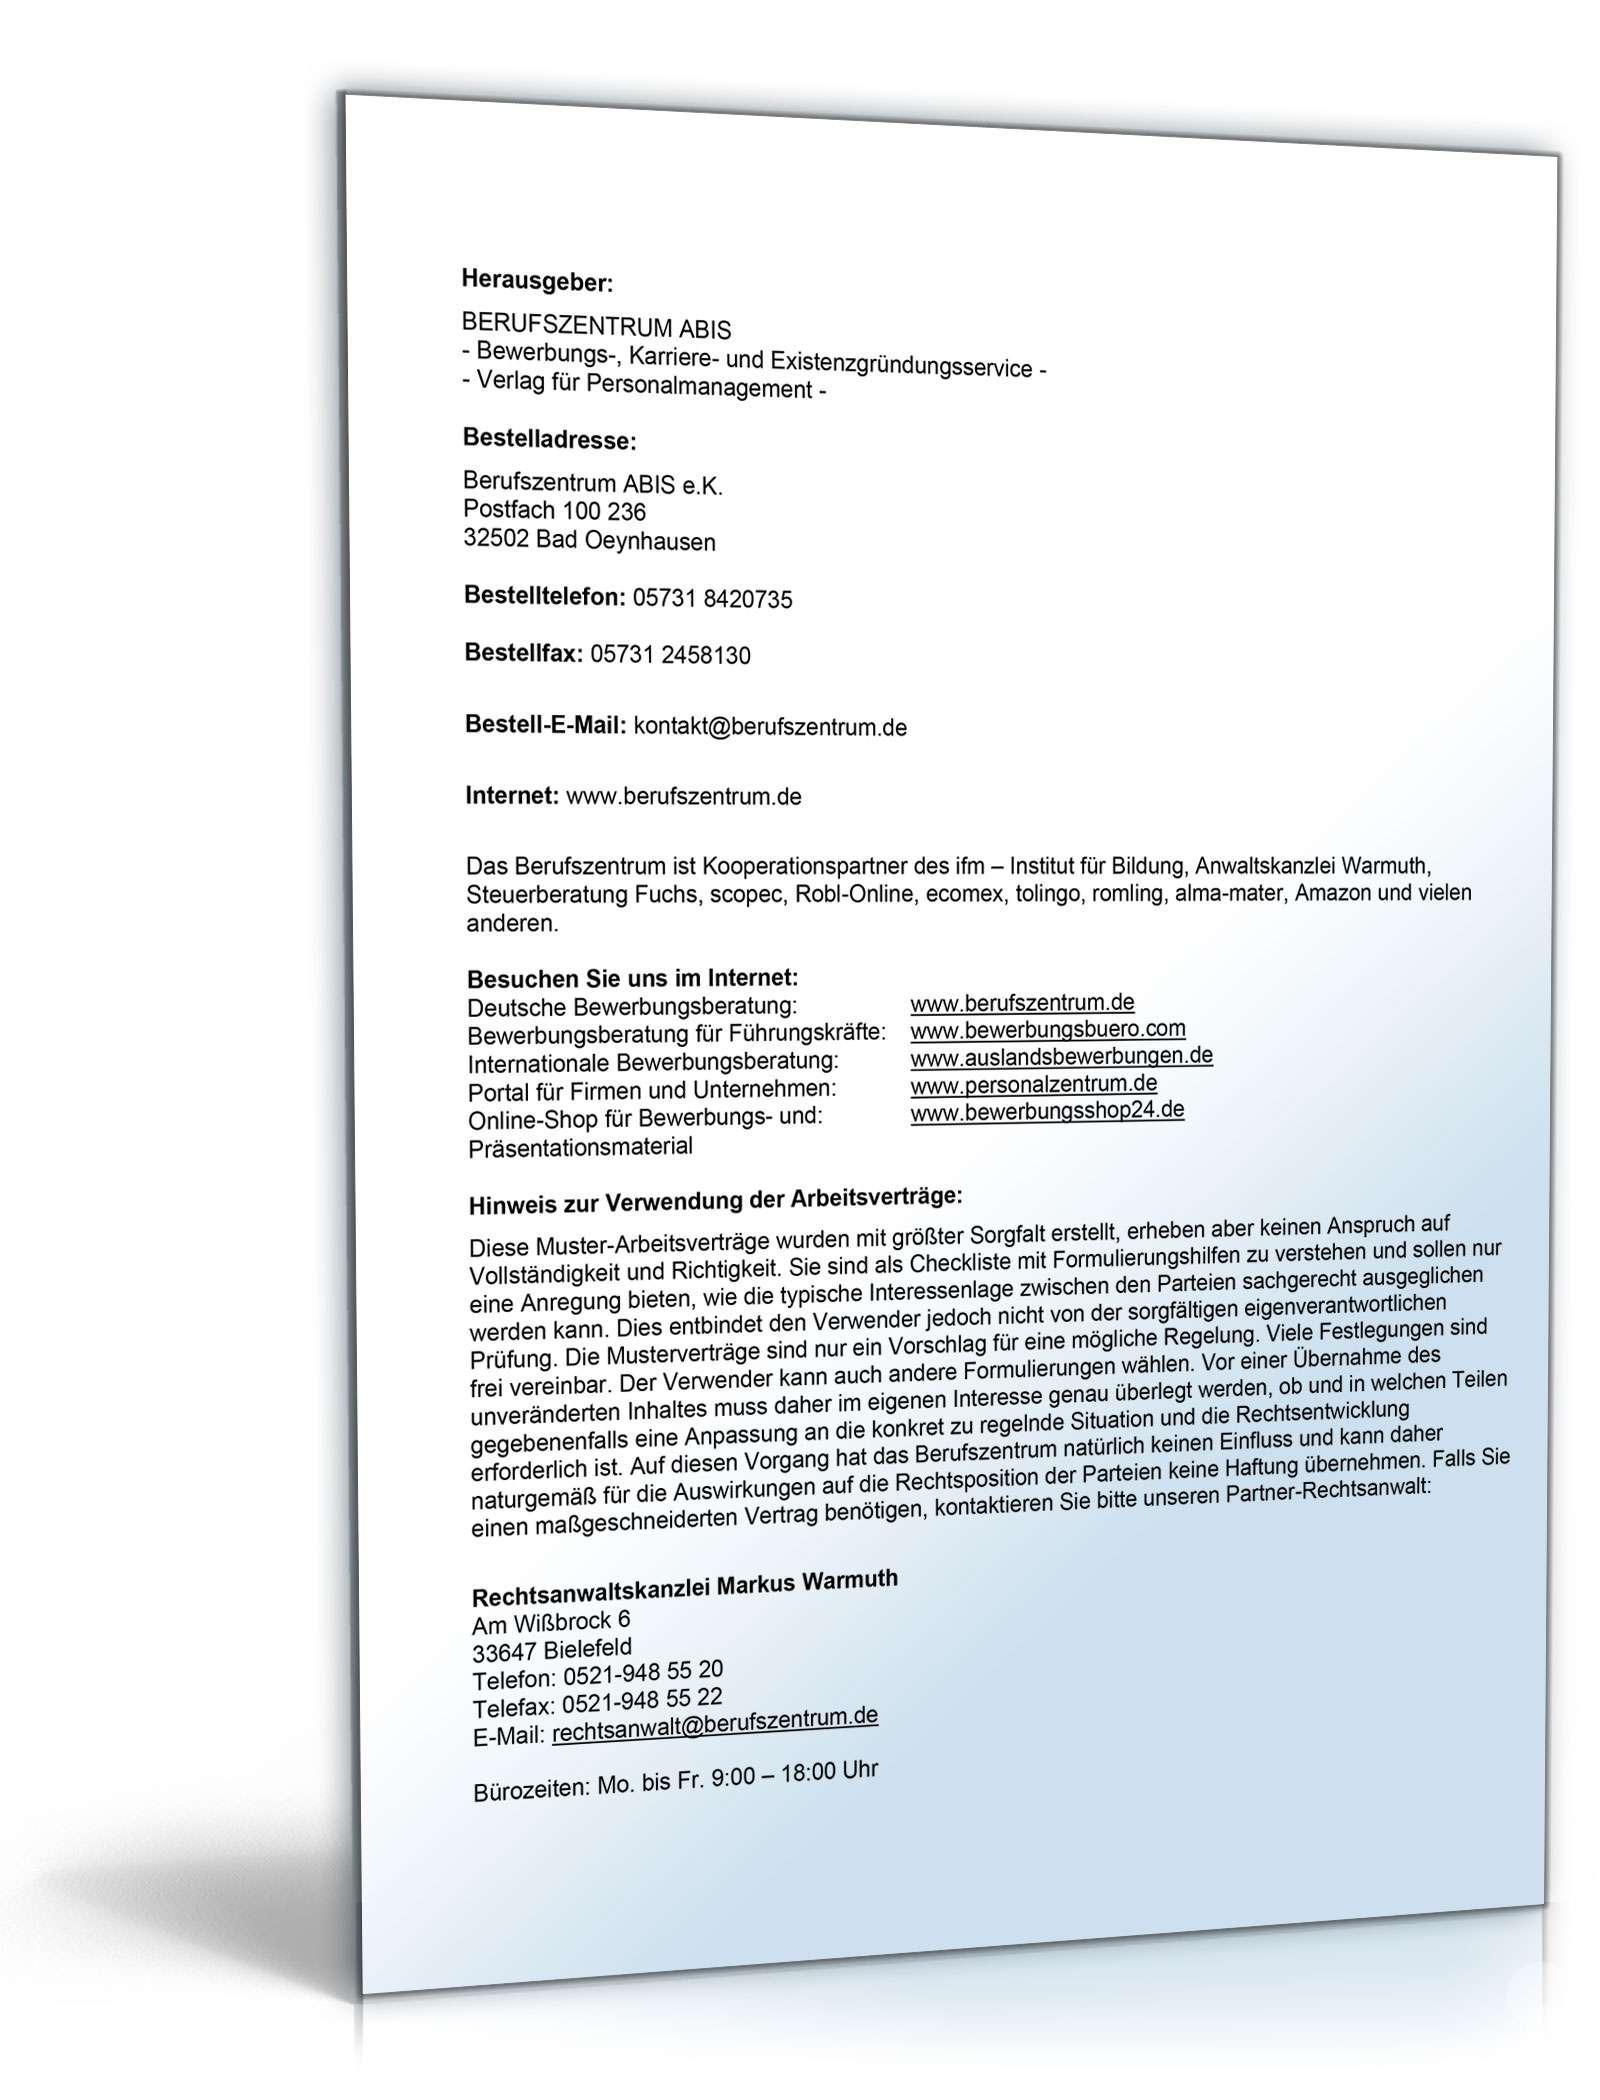 pdf seite 2 - Arbeitsvertrag Muster Minijob